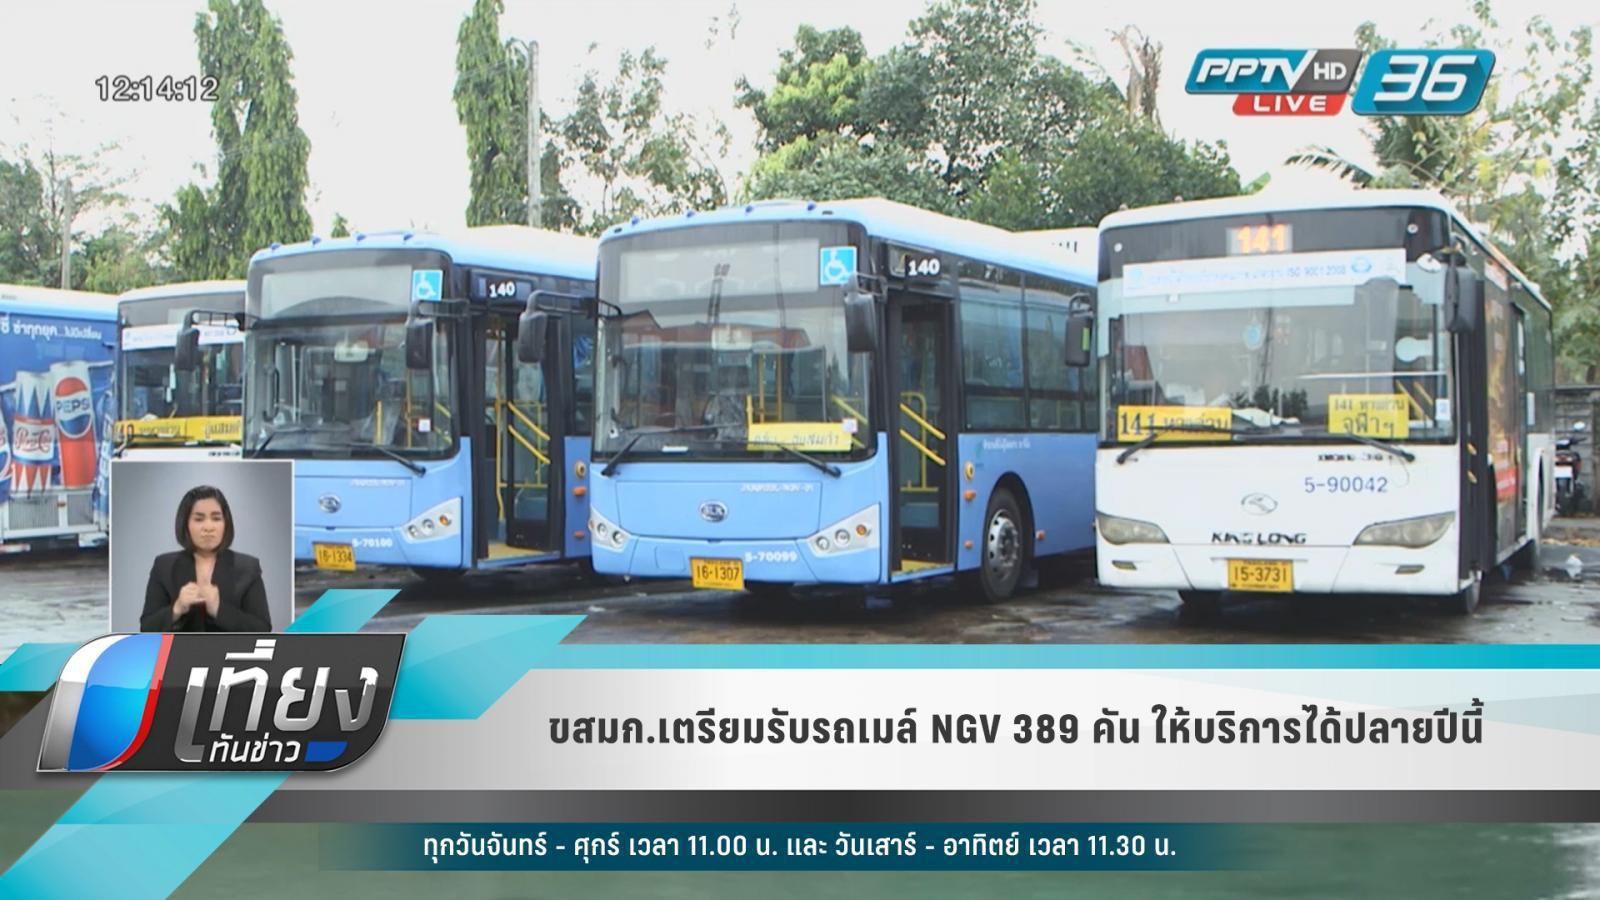 ขสมก.เตรียมรับรถเมล์ NGV จำนวน 389 คาดใช้เริ่มให้บริการได้ทันปลายปี'61นี้